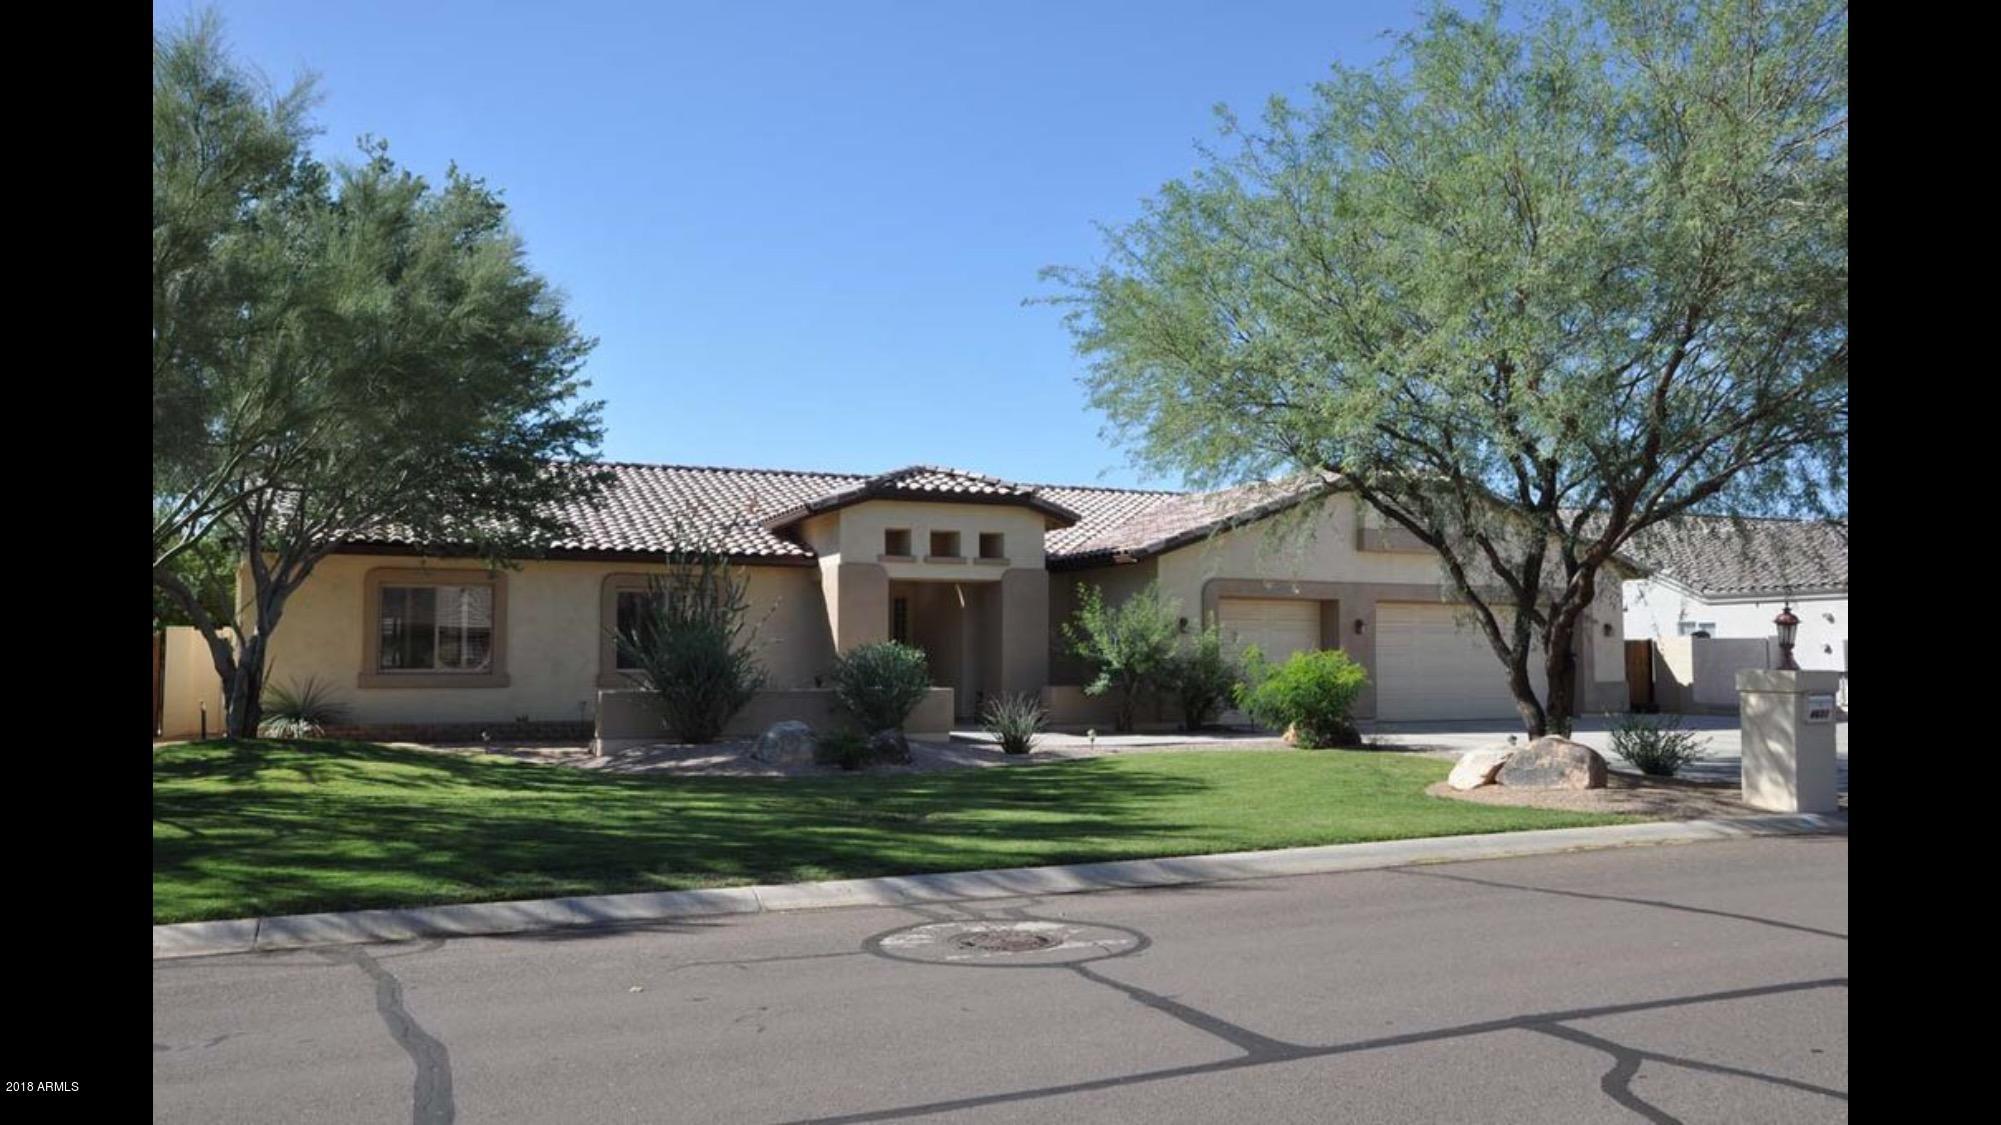 4601 W MARIPOSA GRANDE Lane, Glendale, AZ 85310